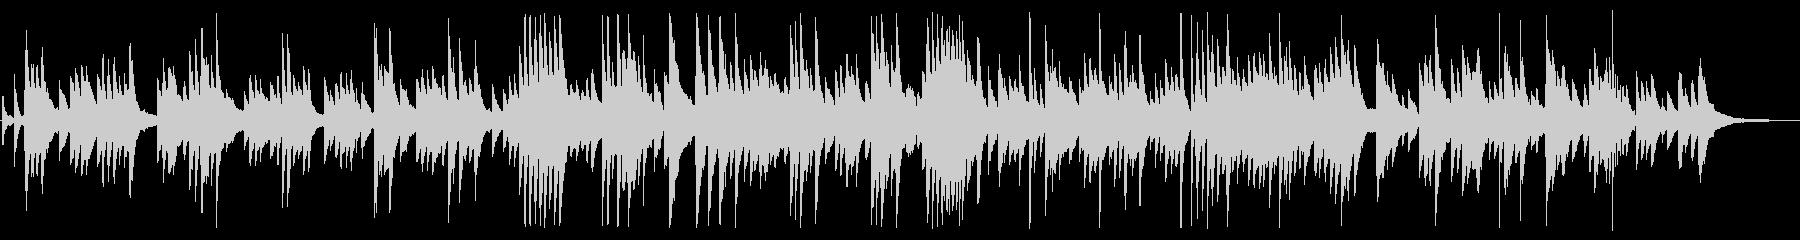 悲しげでしっとりしたピアノBGMの未再生の波形